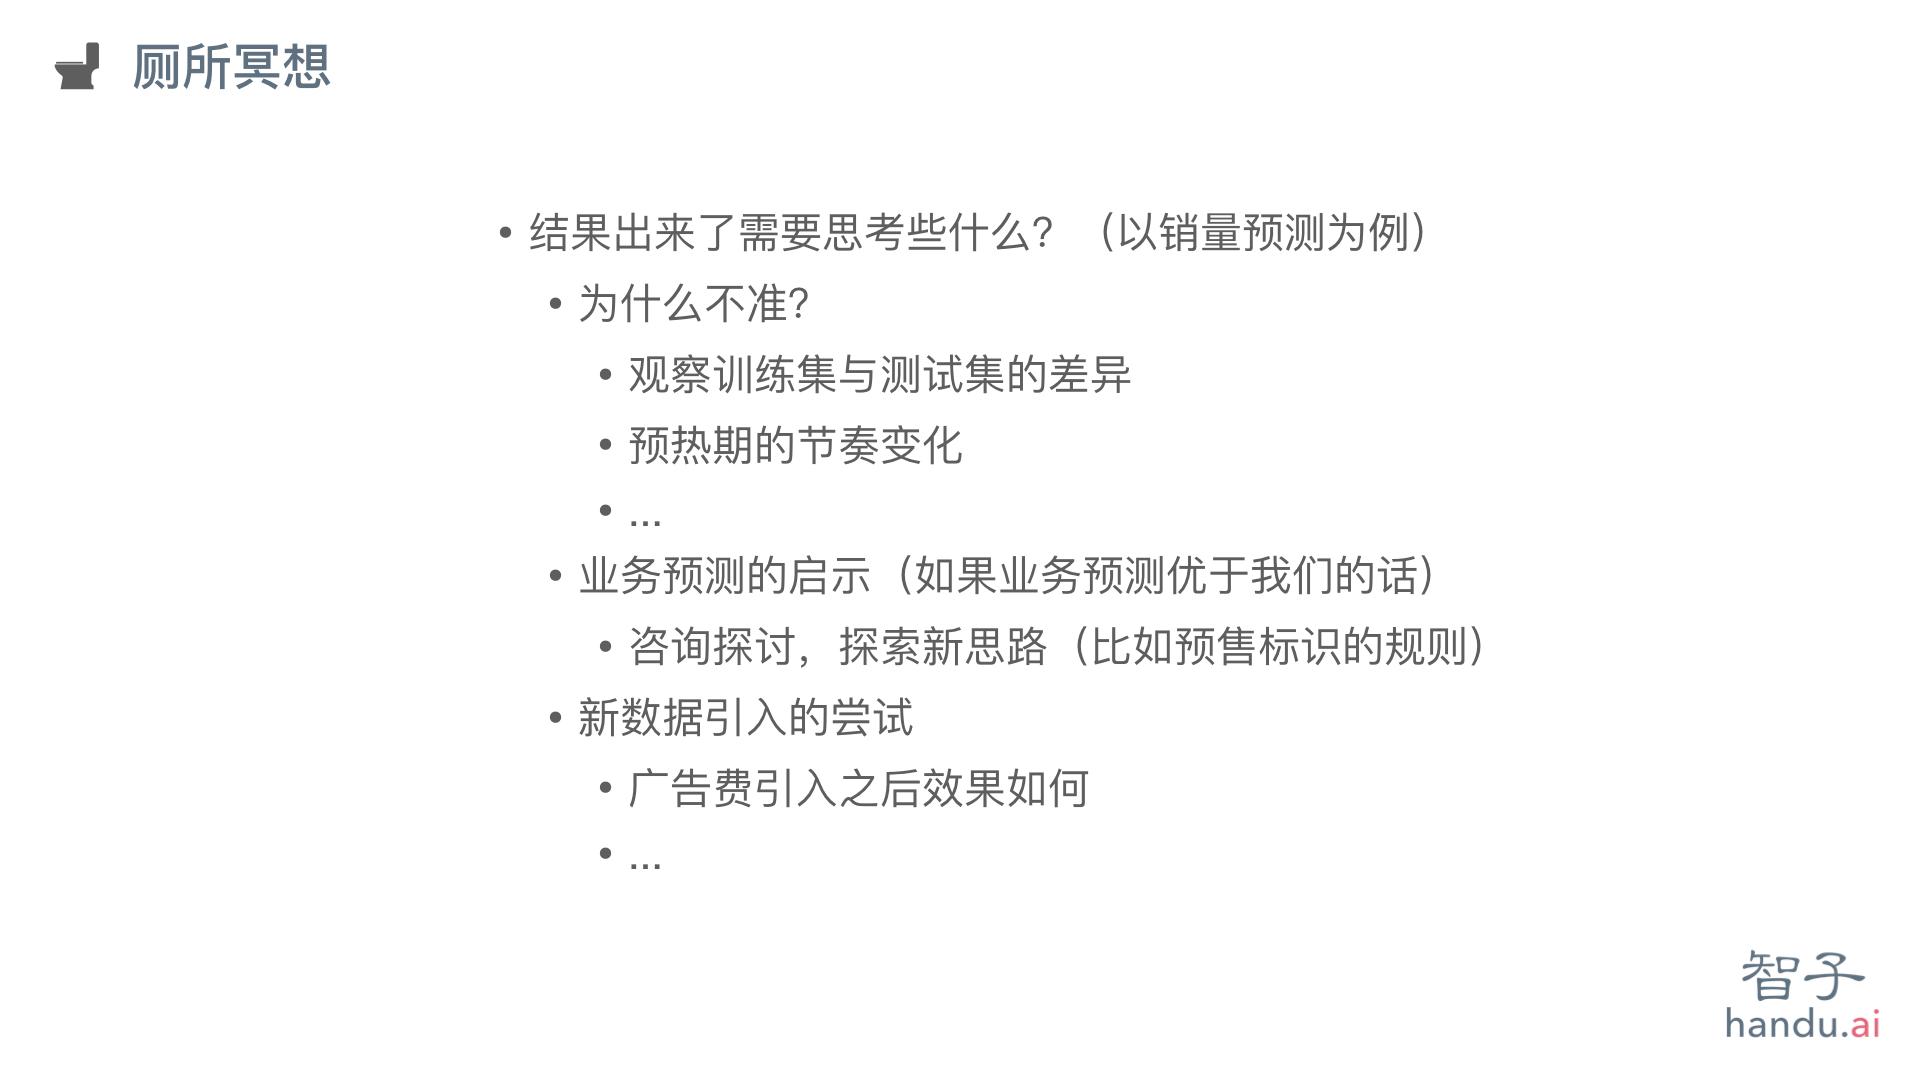 智子模型评估与输出.013.jpeg